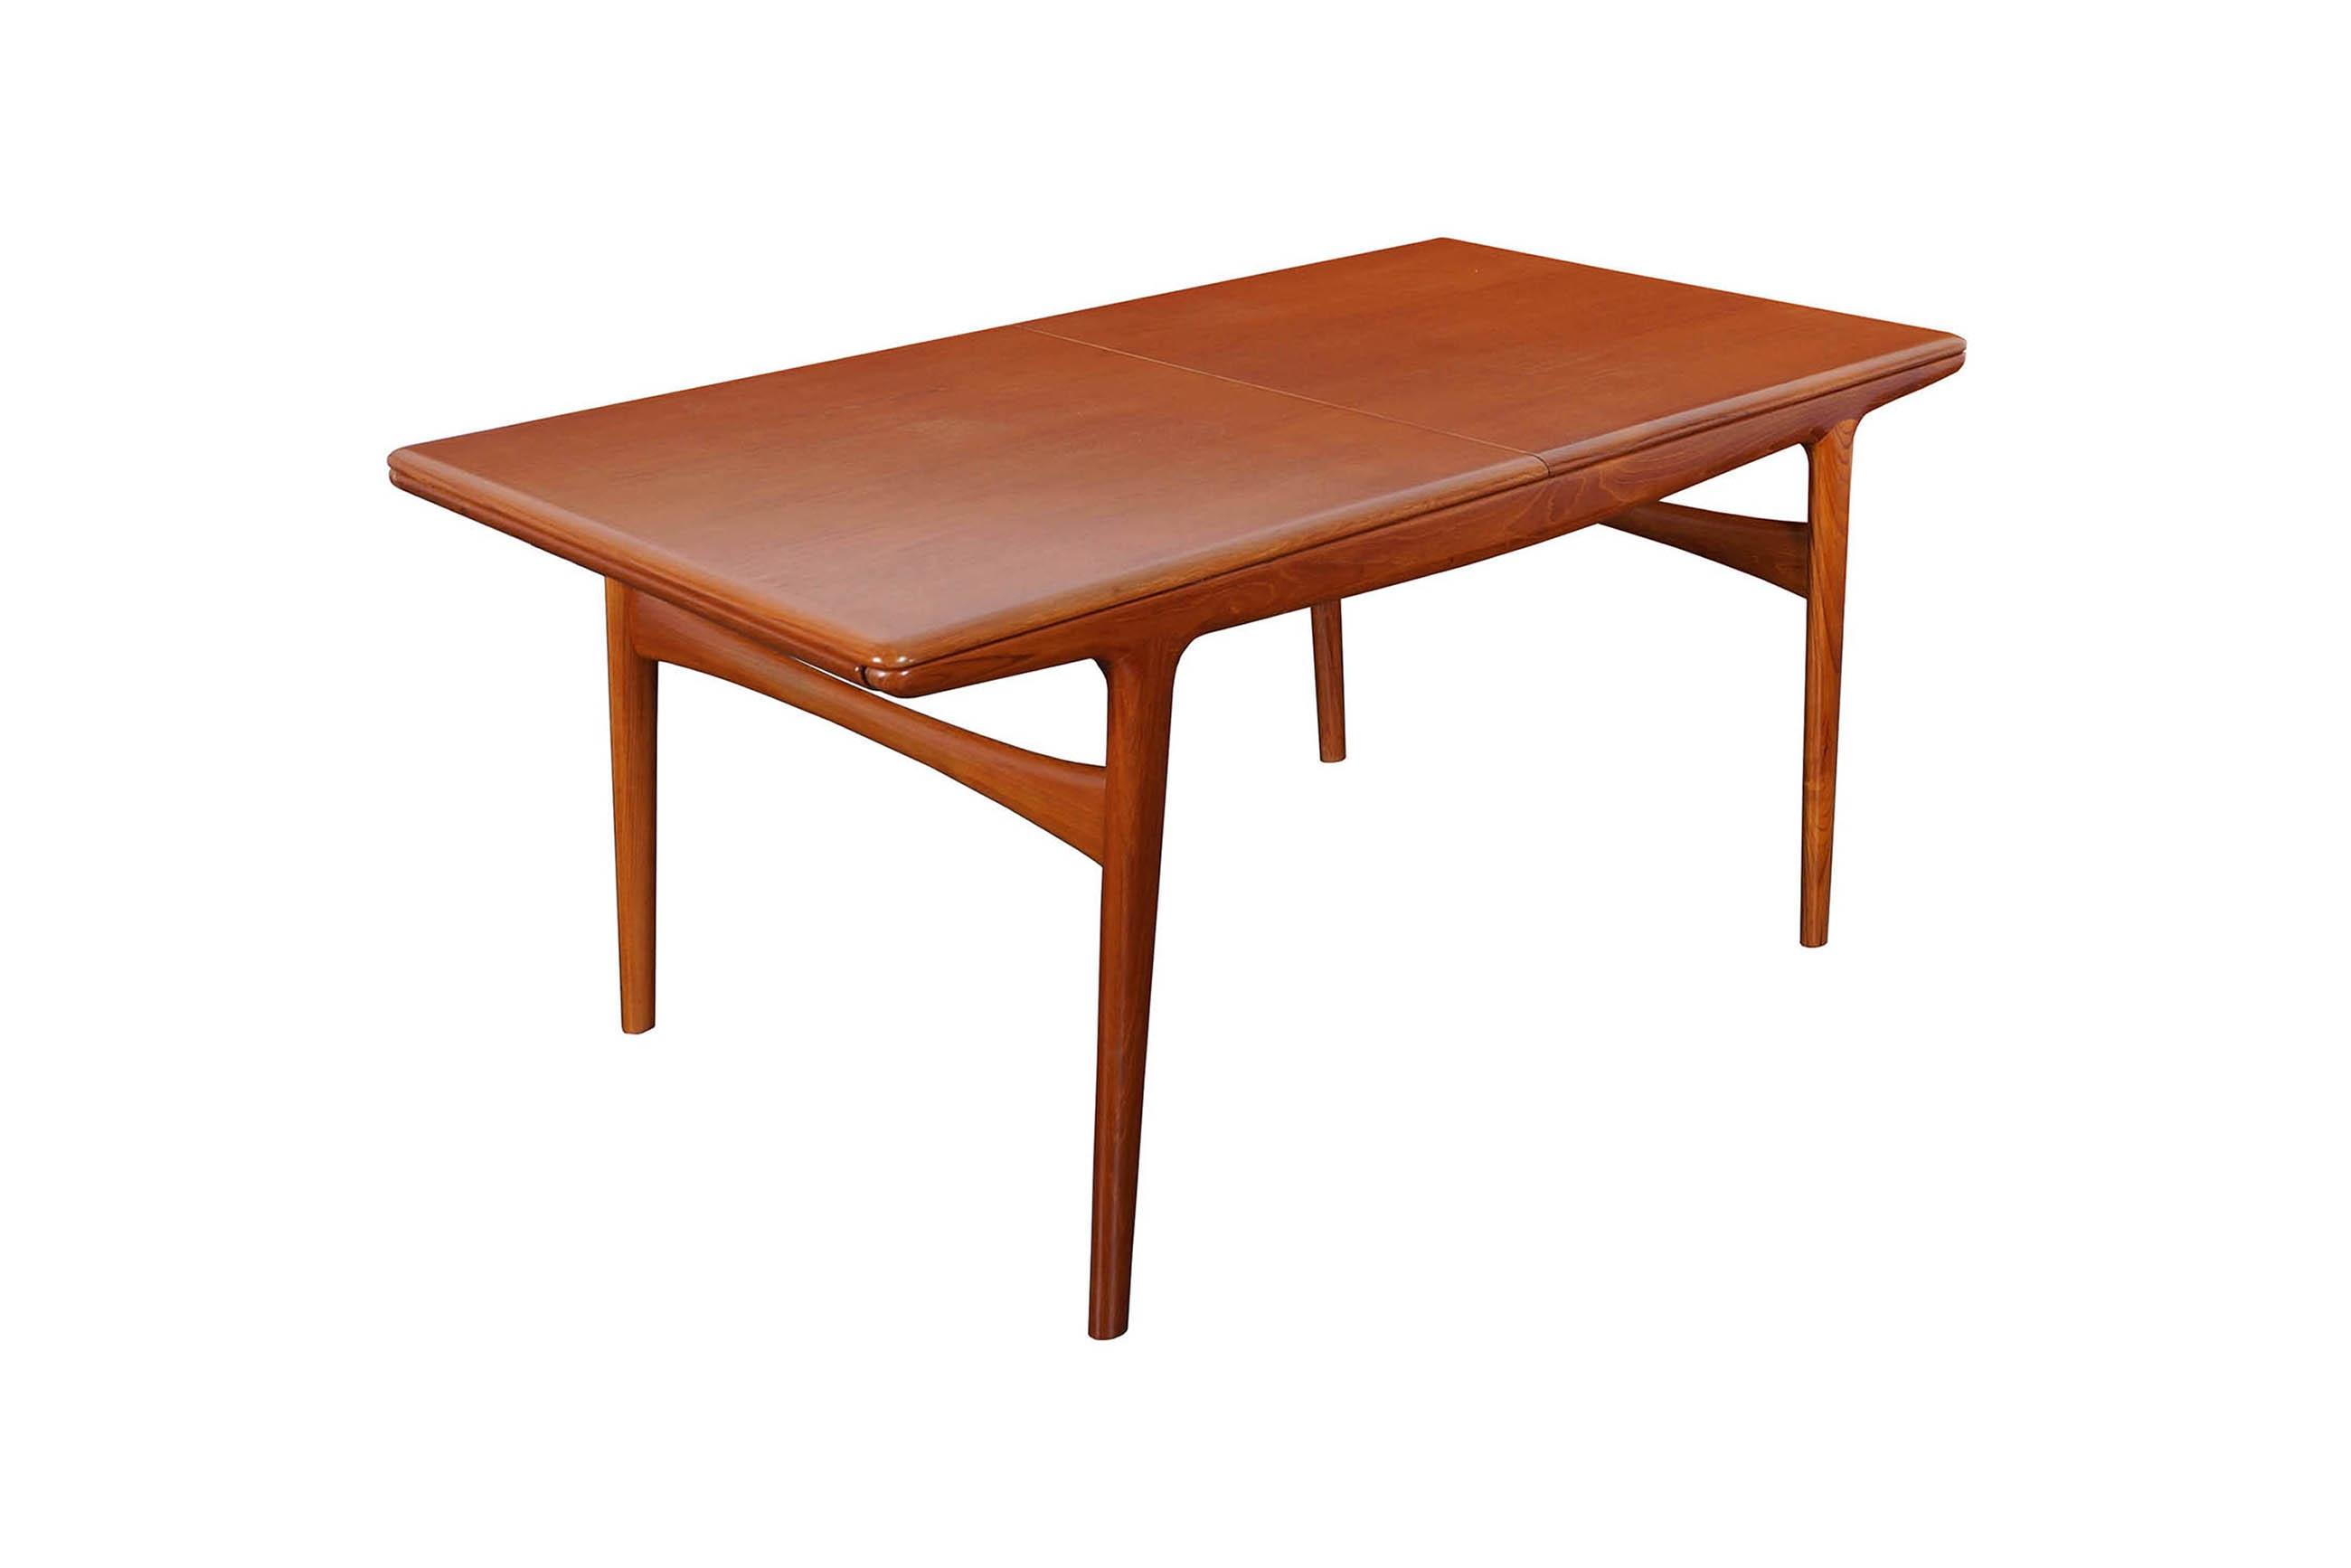 Danish Modern Teak Dinning Table by Arne Hovmand- Olsen